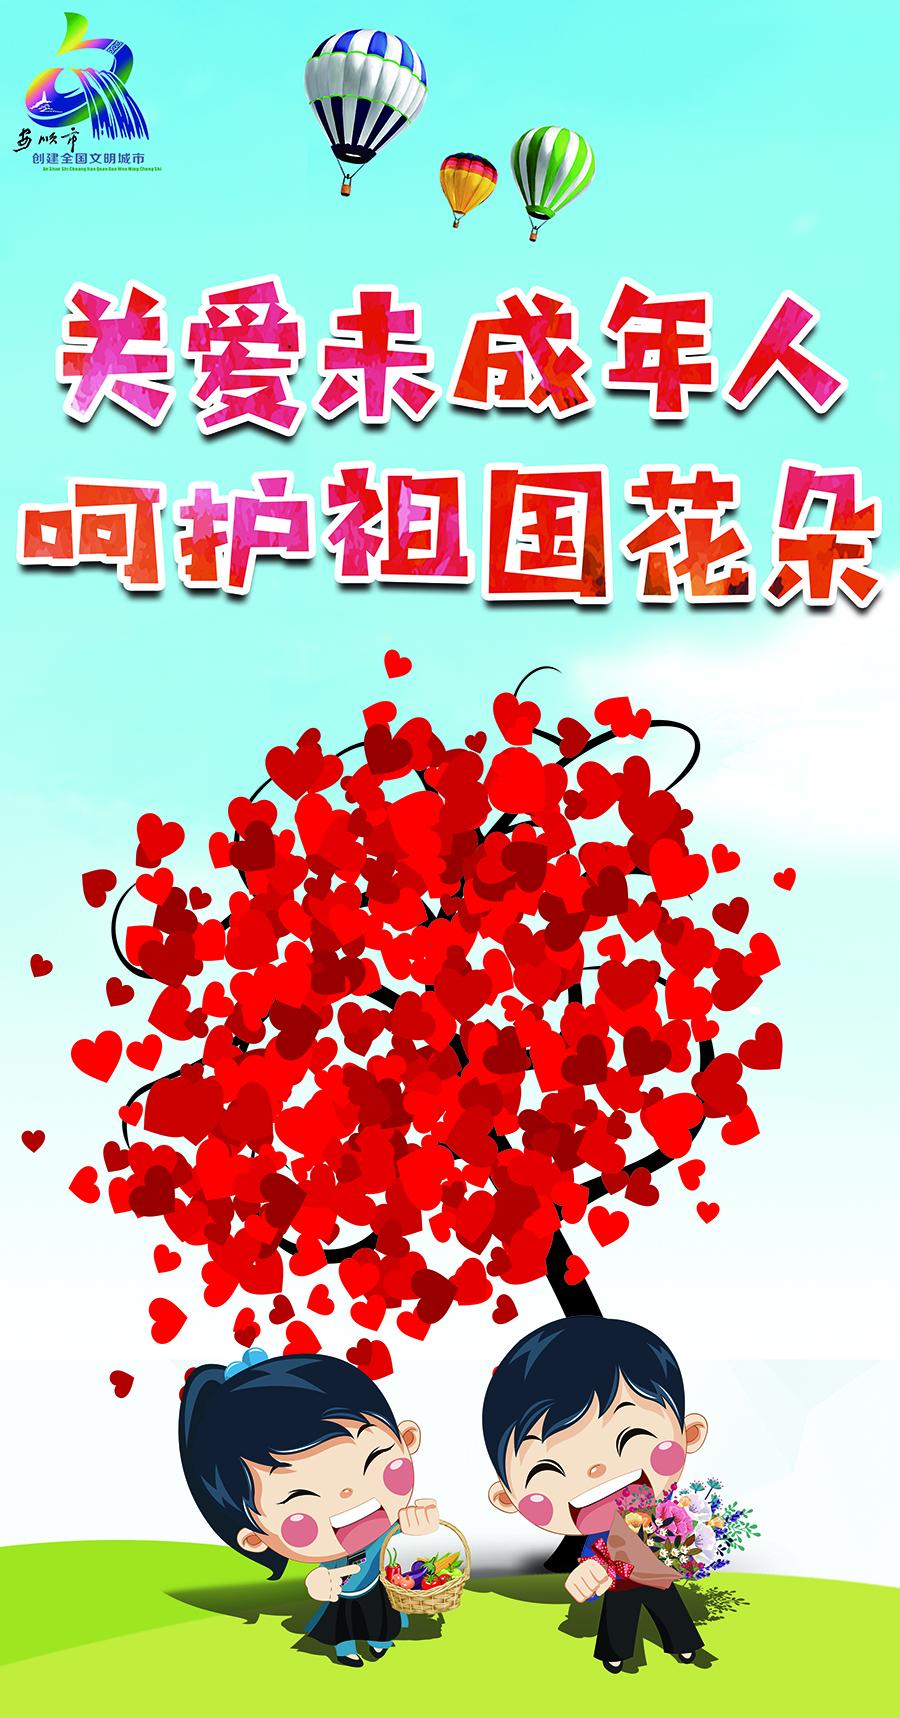 关爱未成年人,呵护祖国的花朵-9.1.jpg